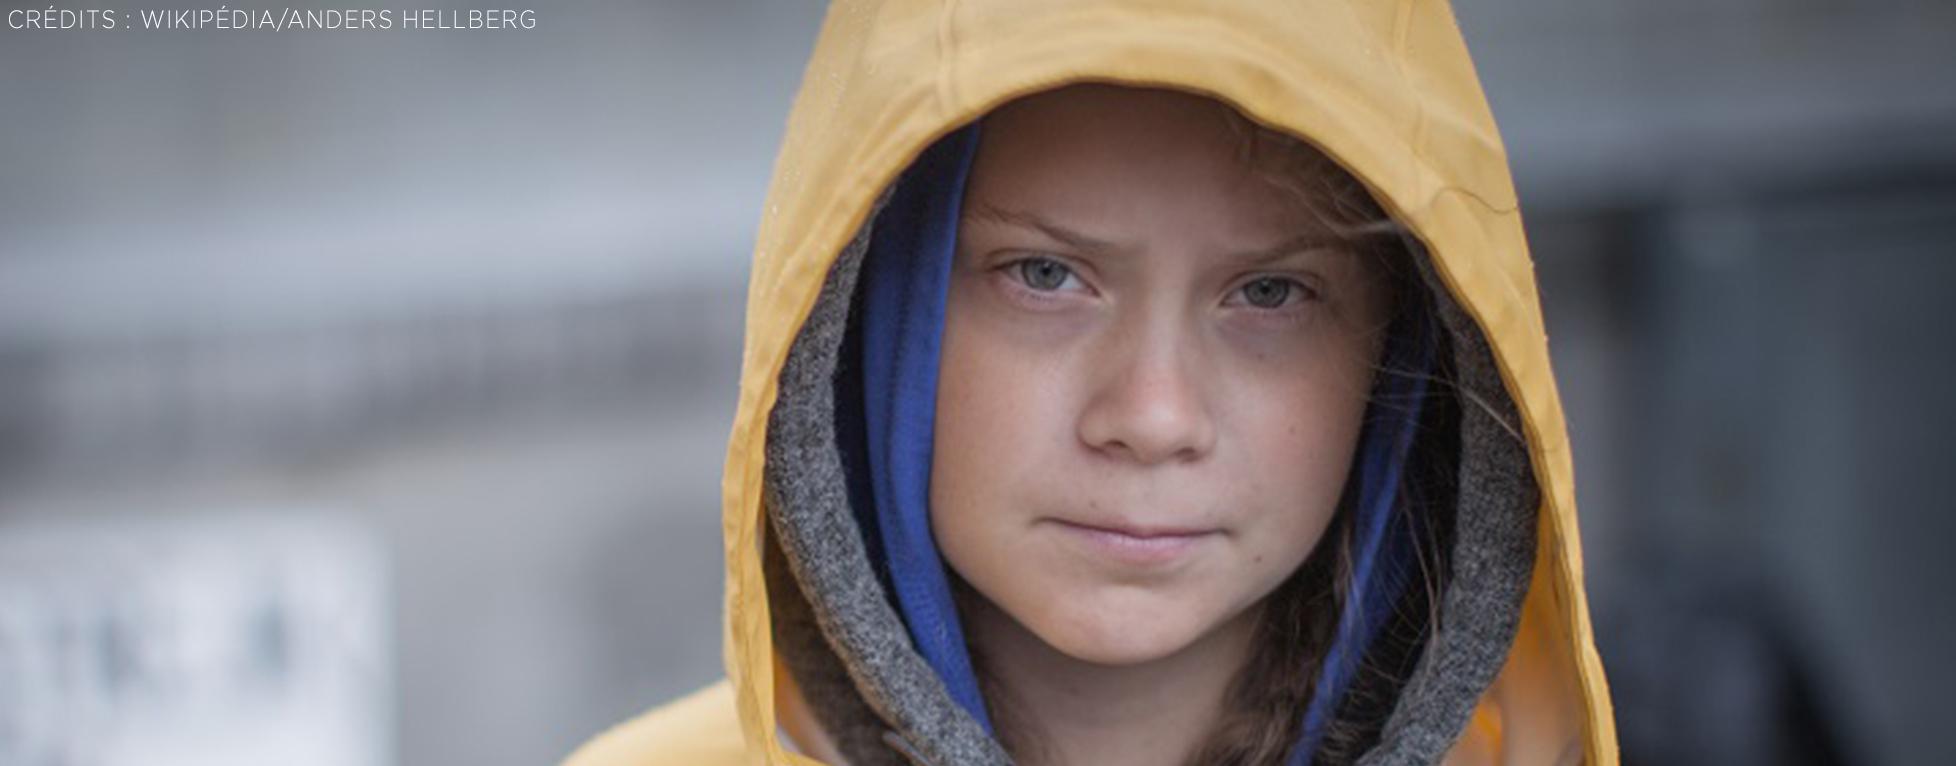 Une chorale britannique chante Greta Thunberg